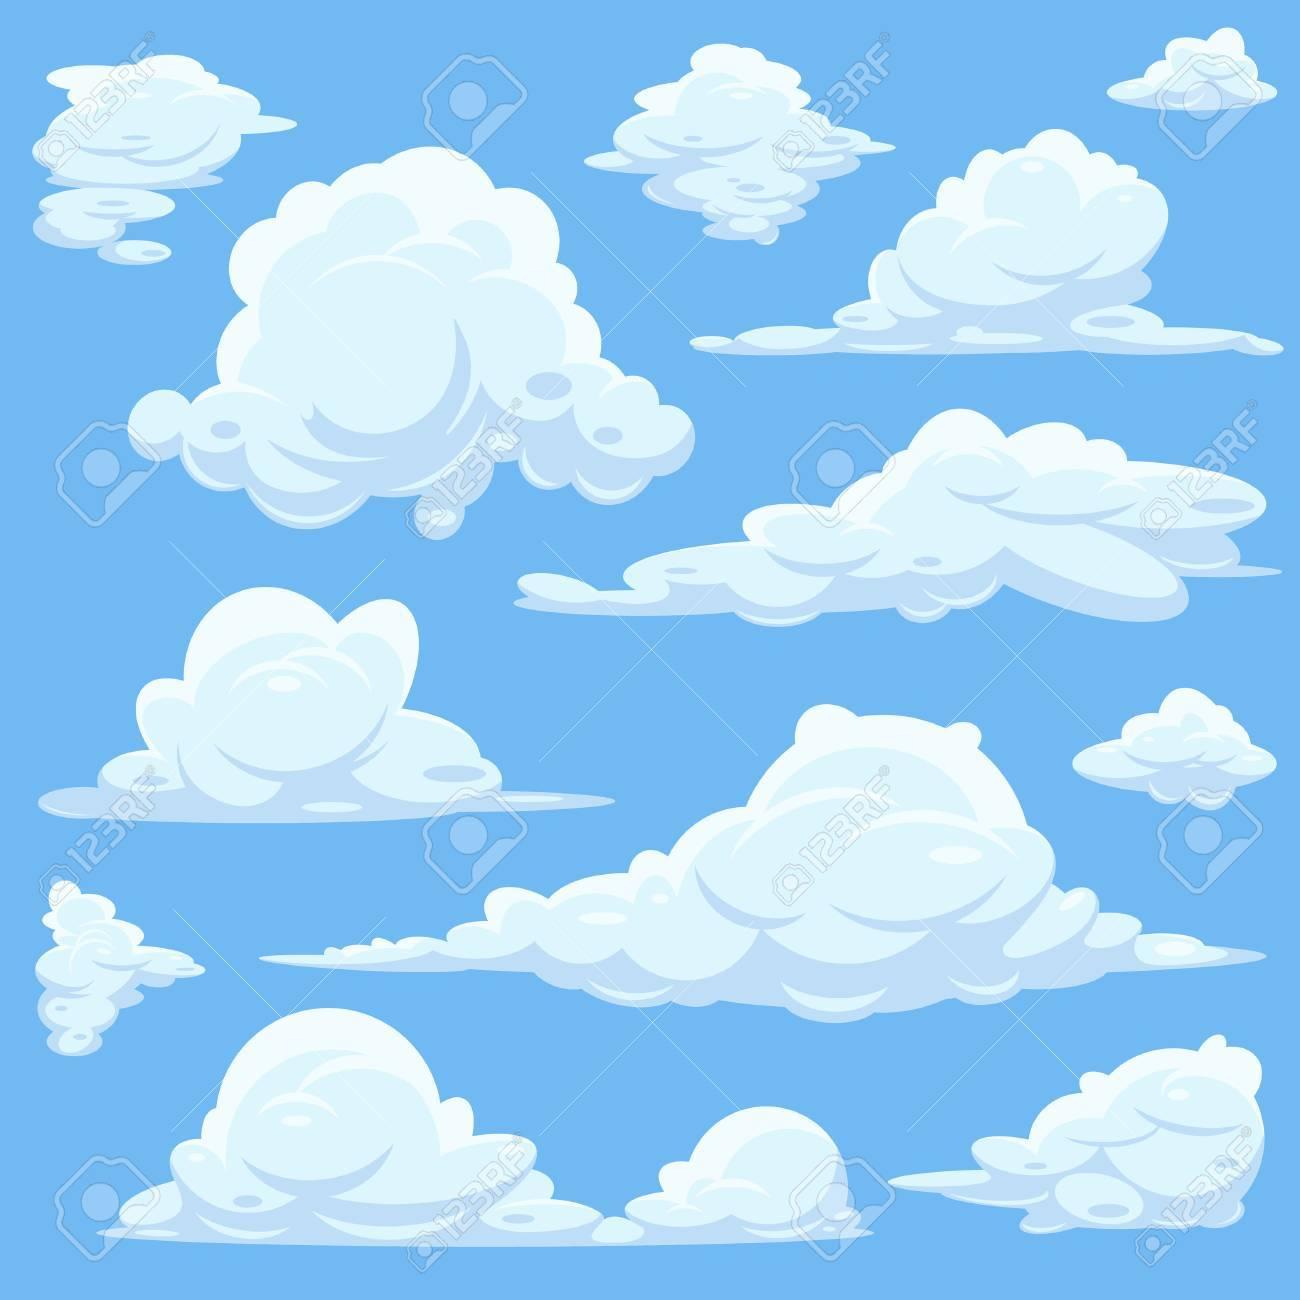 ベクトル漫画雲青空一連の白い雲ふわふわ Cloid イラスト天国の